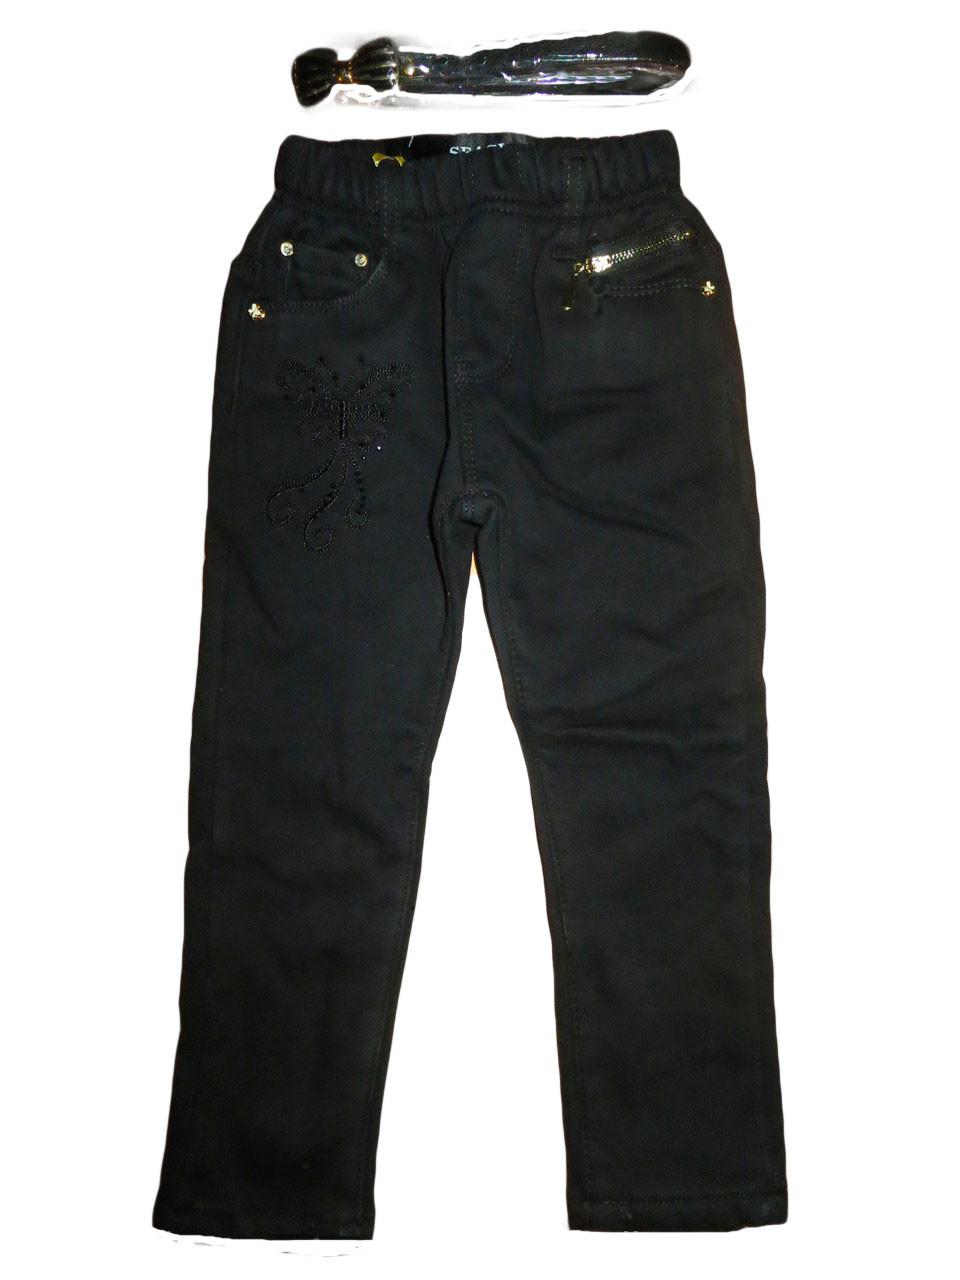 Коттоновые утеплённые брюки для девочек, размеры 98(3шт) Seagull. арт. 88209